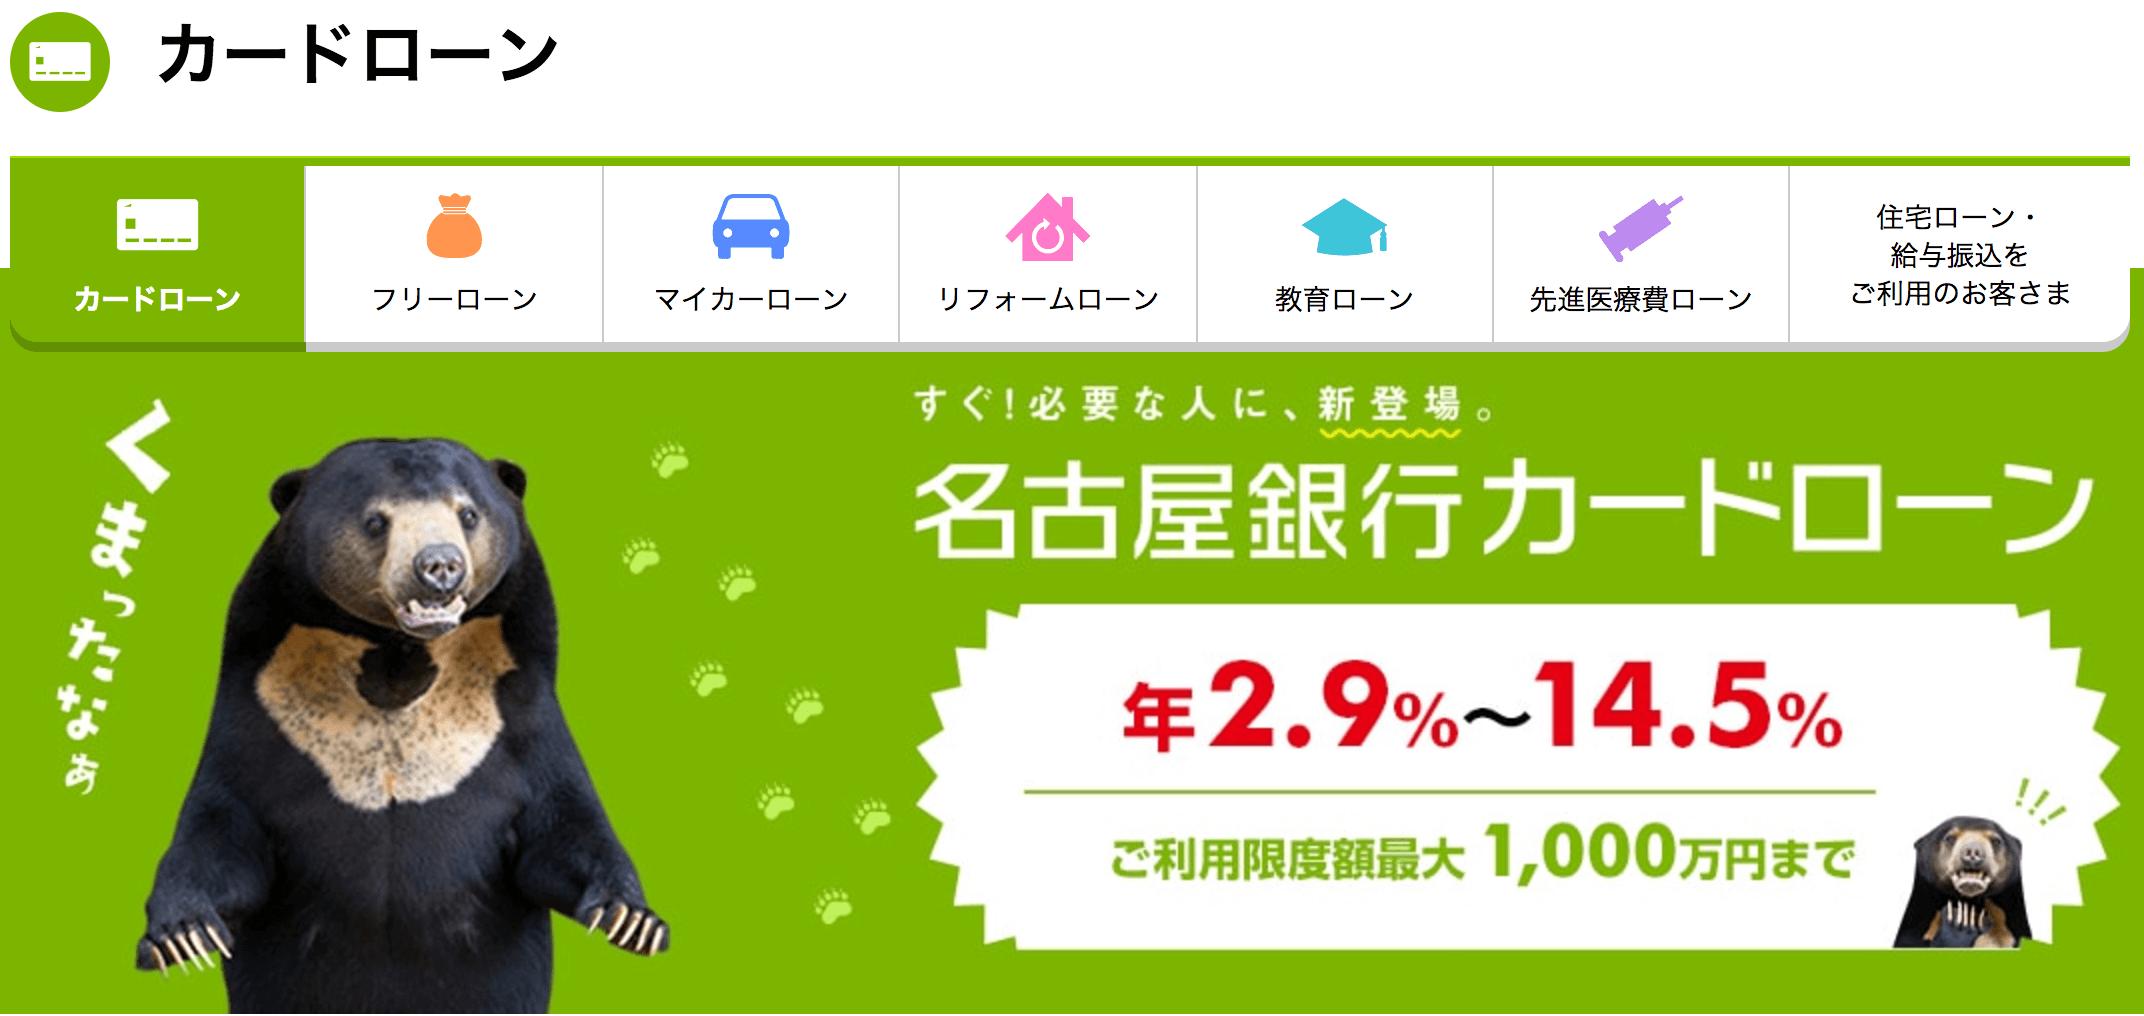 名古屋銀行カードローンSの公式ページ